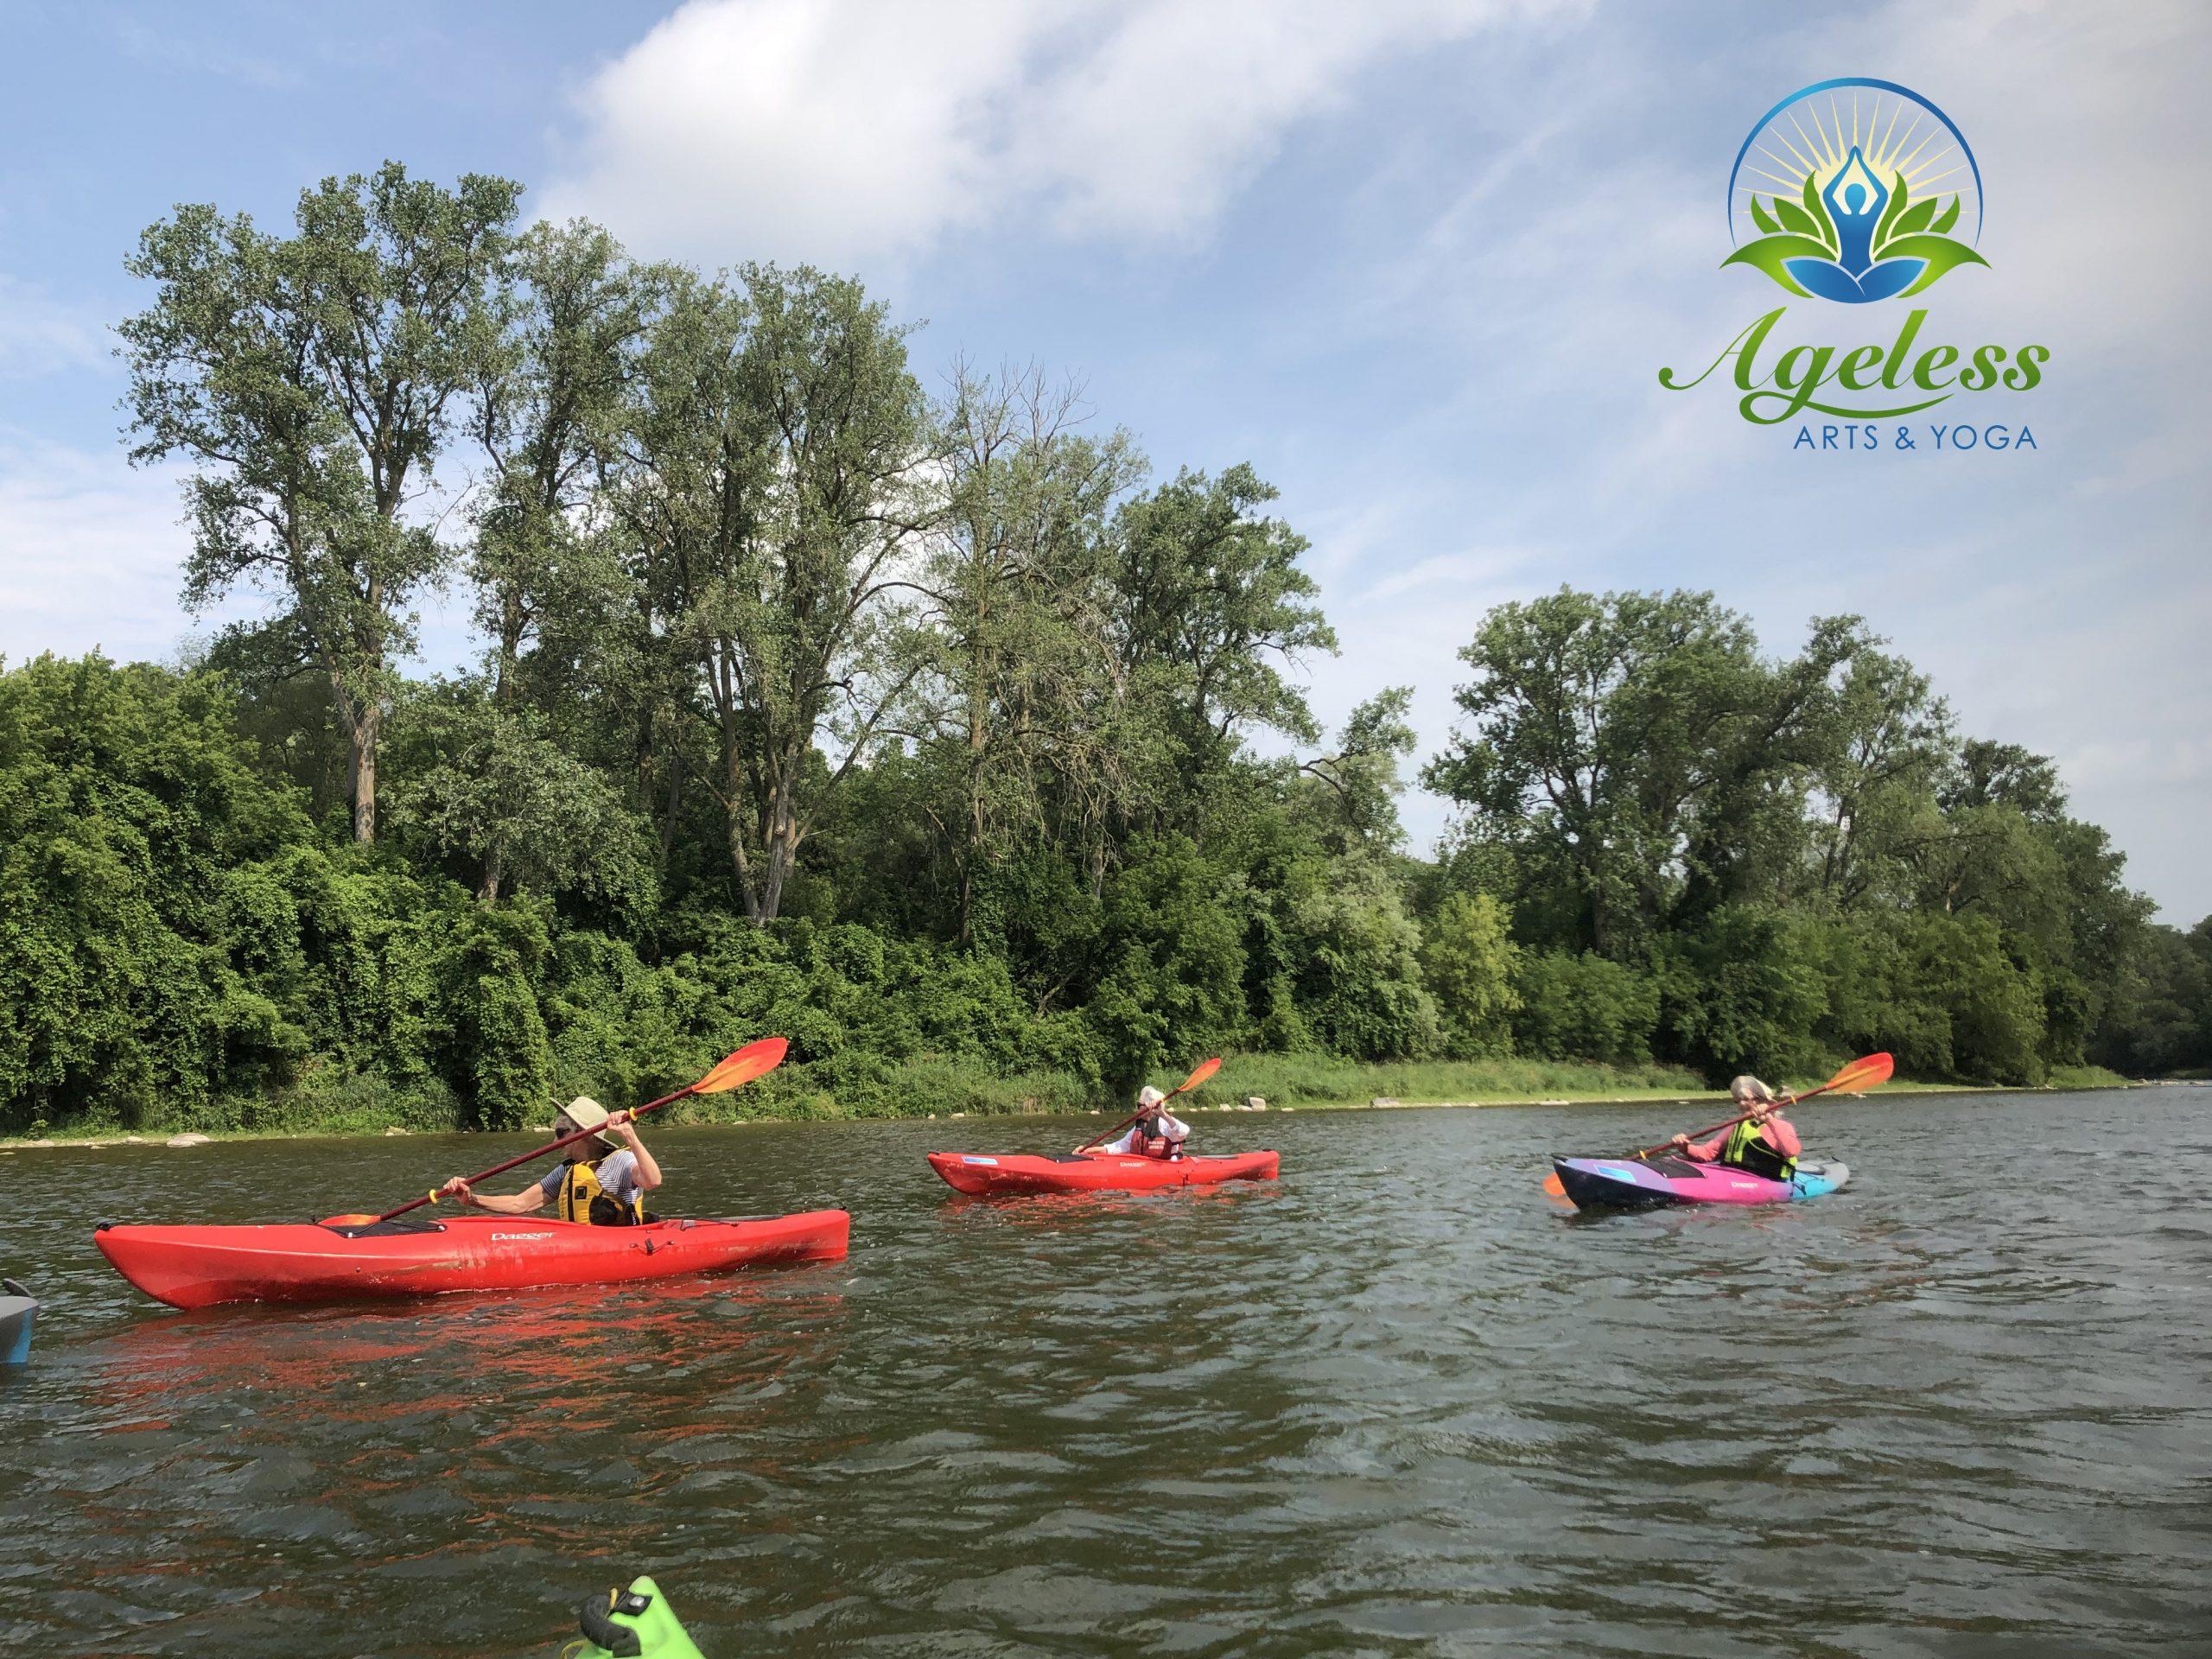 Kayaking, Yoga & Meditation - Paris to Brant July 15, 2021